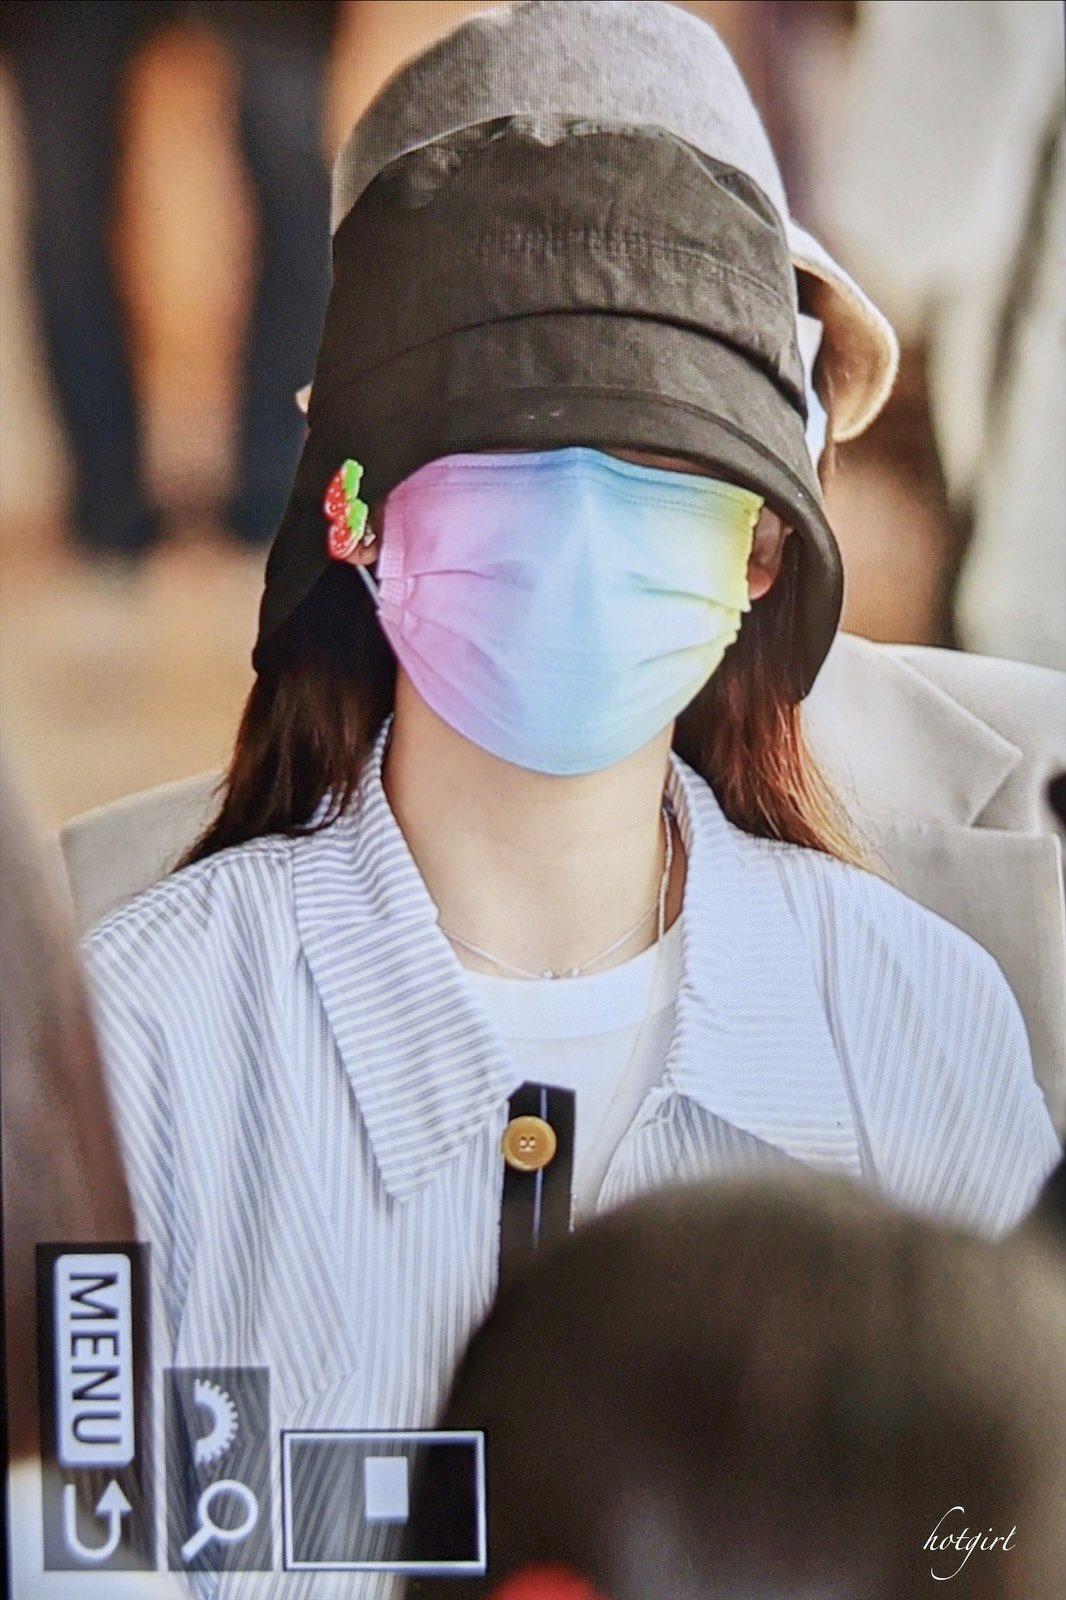 Twice ra sân bay: Sana và Na Yeon gây lú vì không biết ai là ai - 3